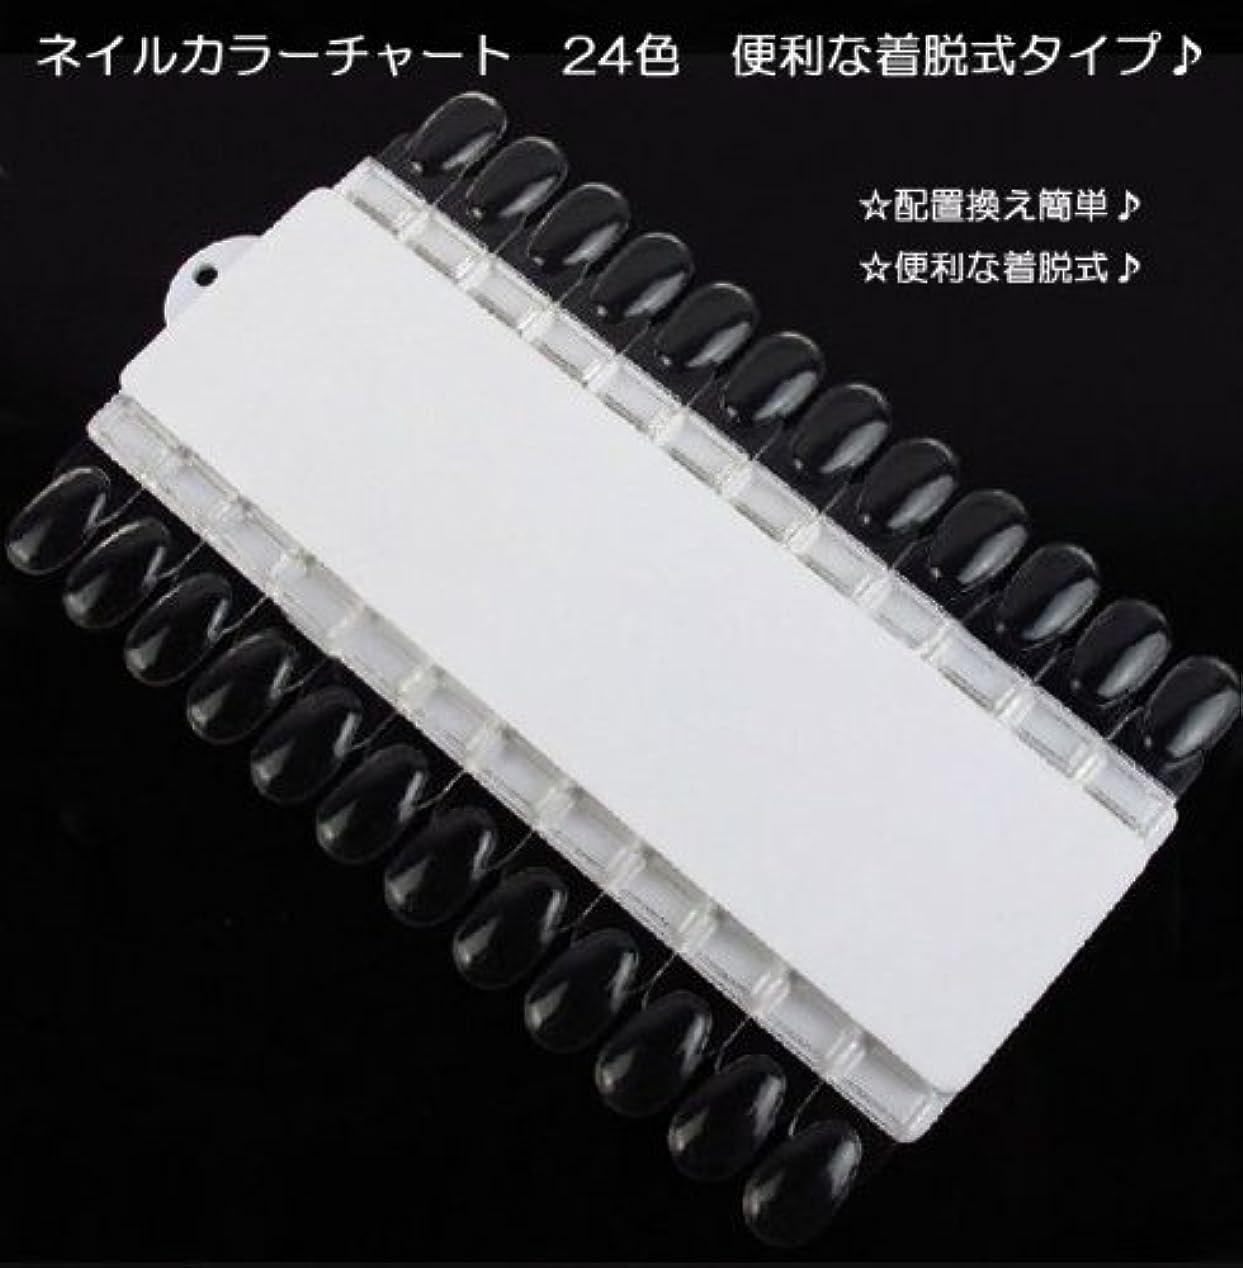 思いやりシンク急いで【新入荷!】ネイルカラーチャート 24色 便利な着脱式タイプ?